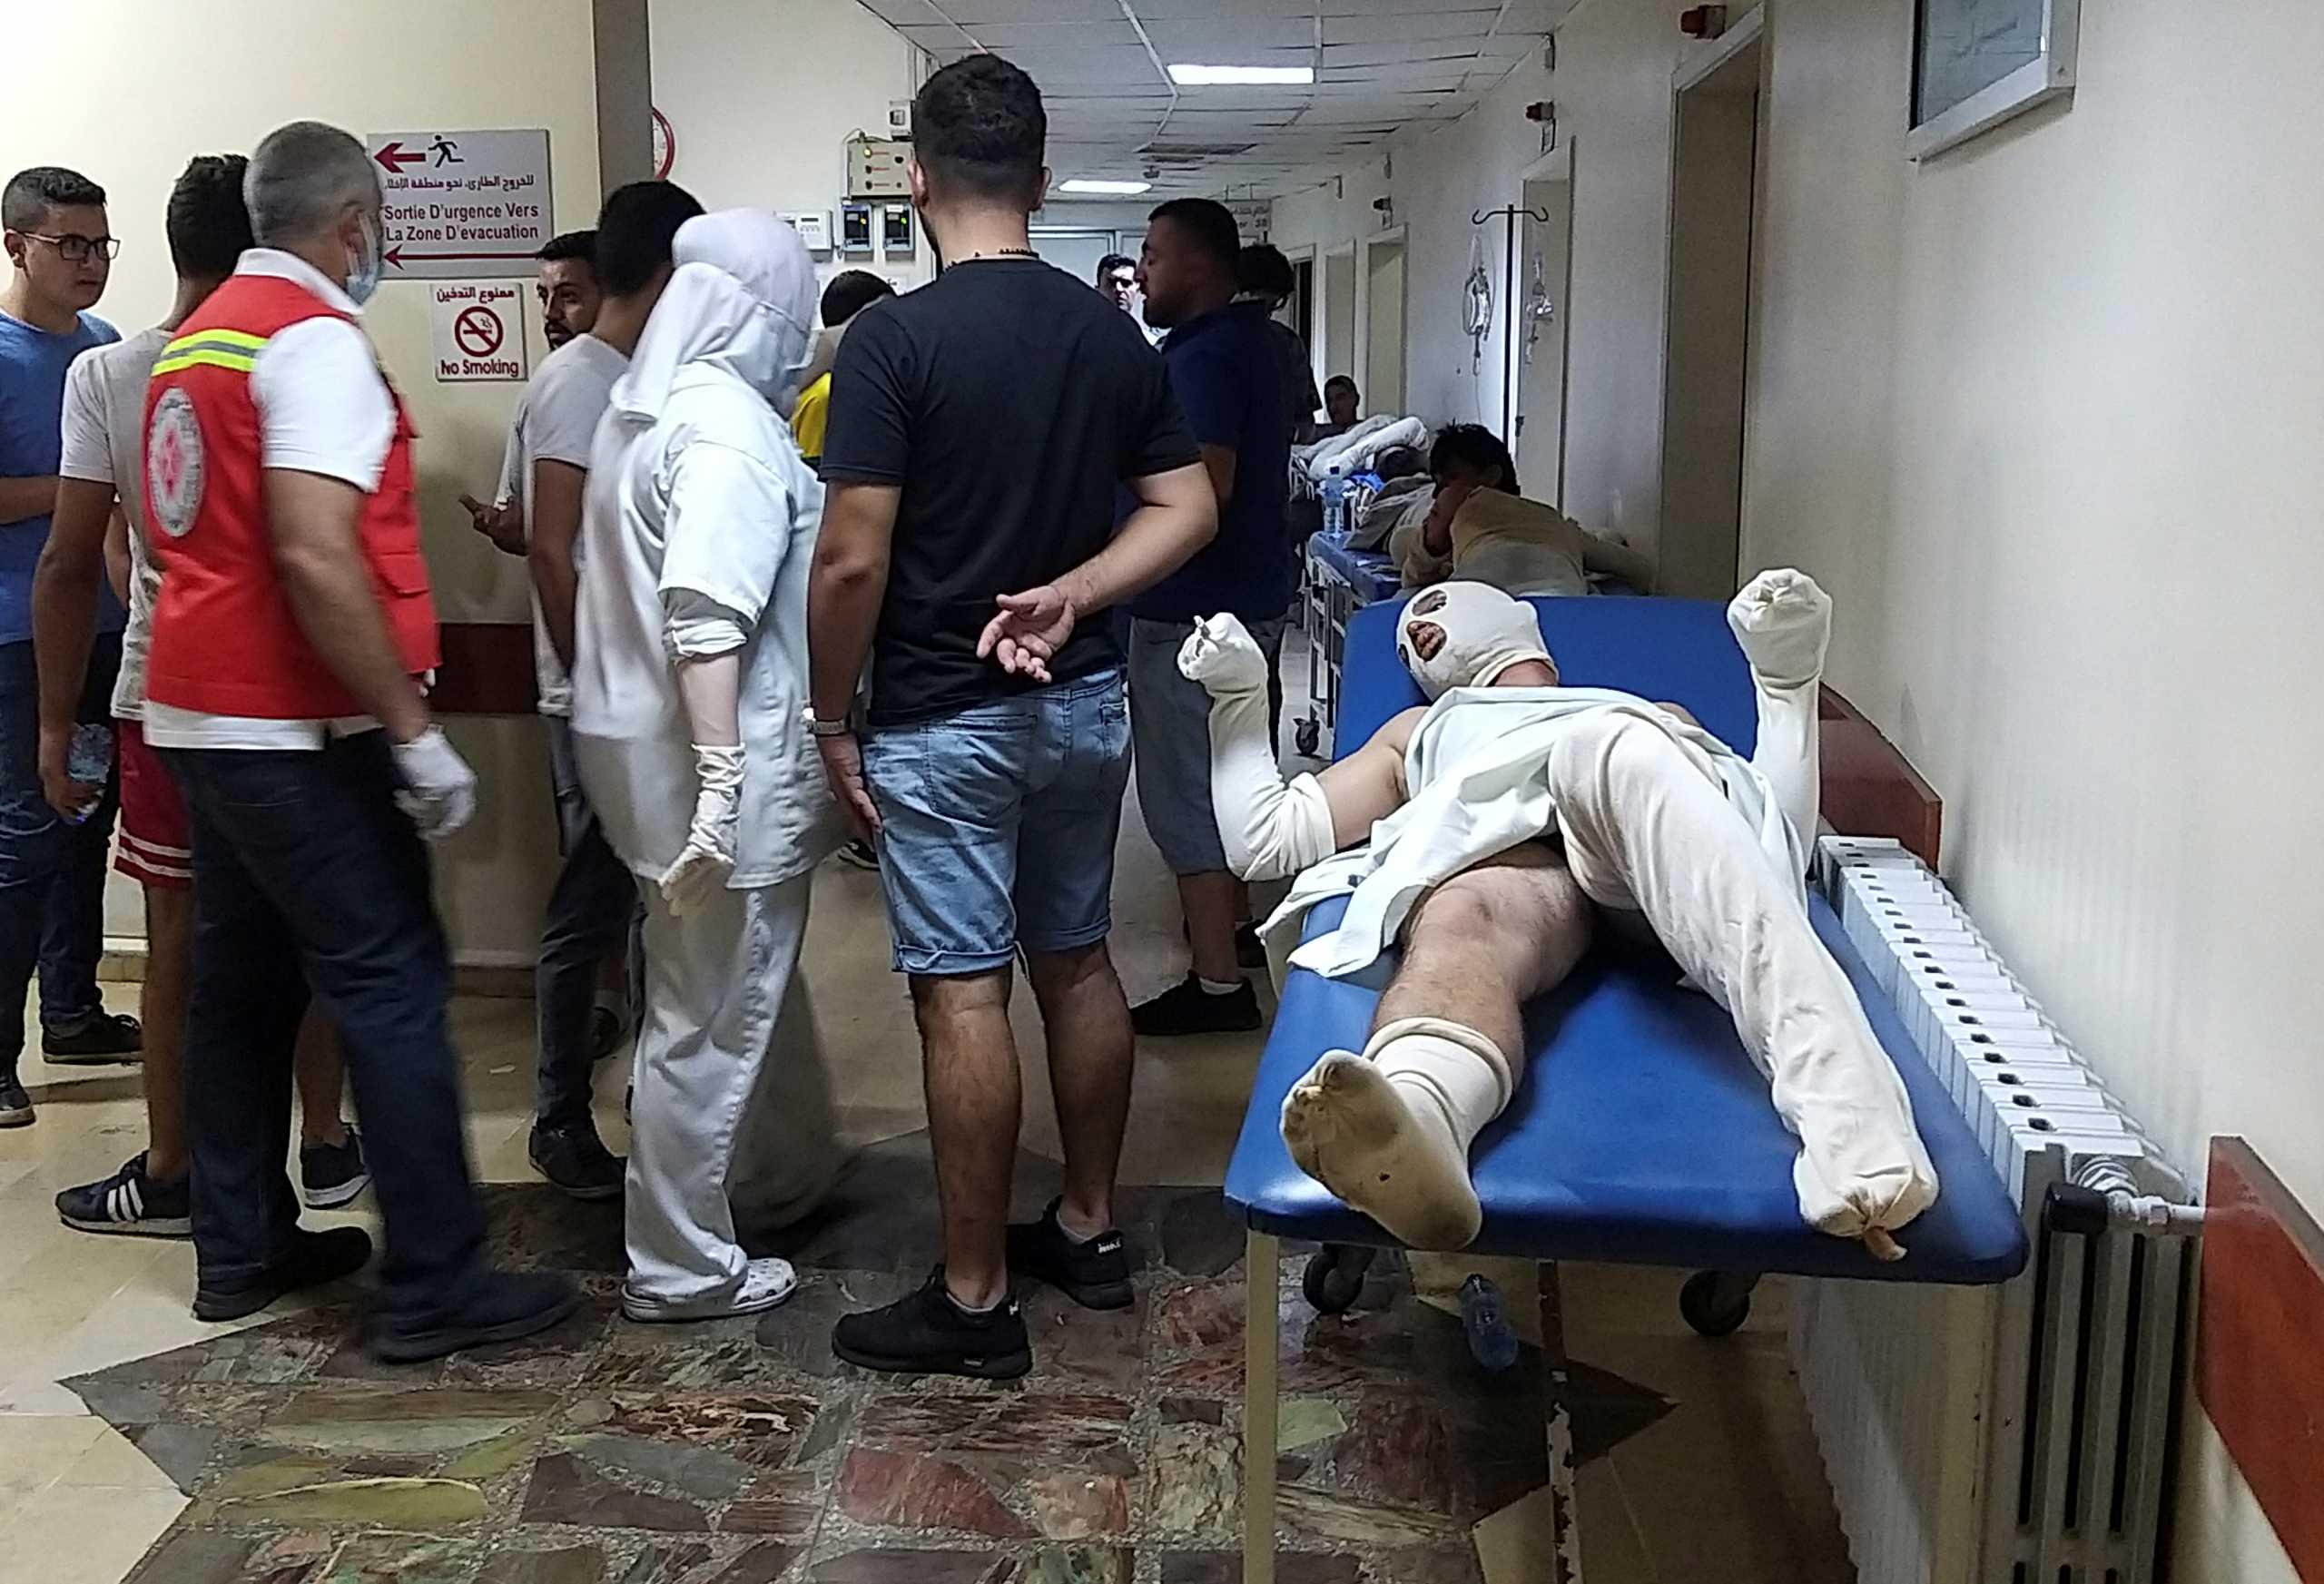 Λίβανος: Τουλάχιστον 20 νεκροί από έκρηξη βυτιοφόρου καυσίμων